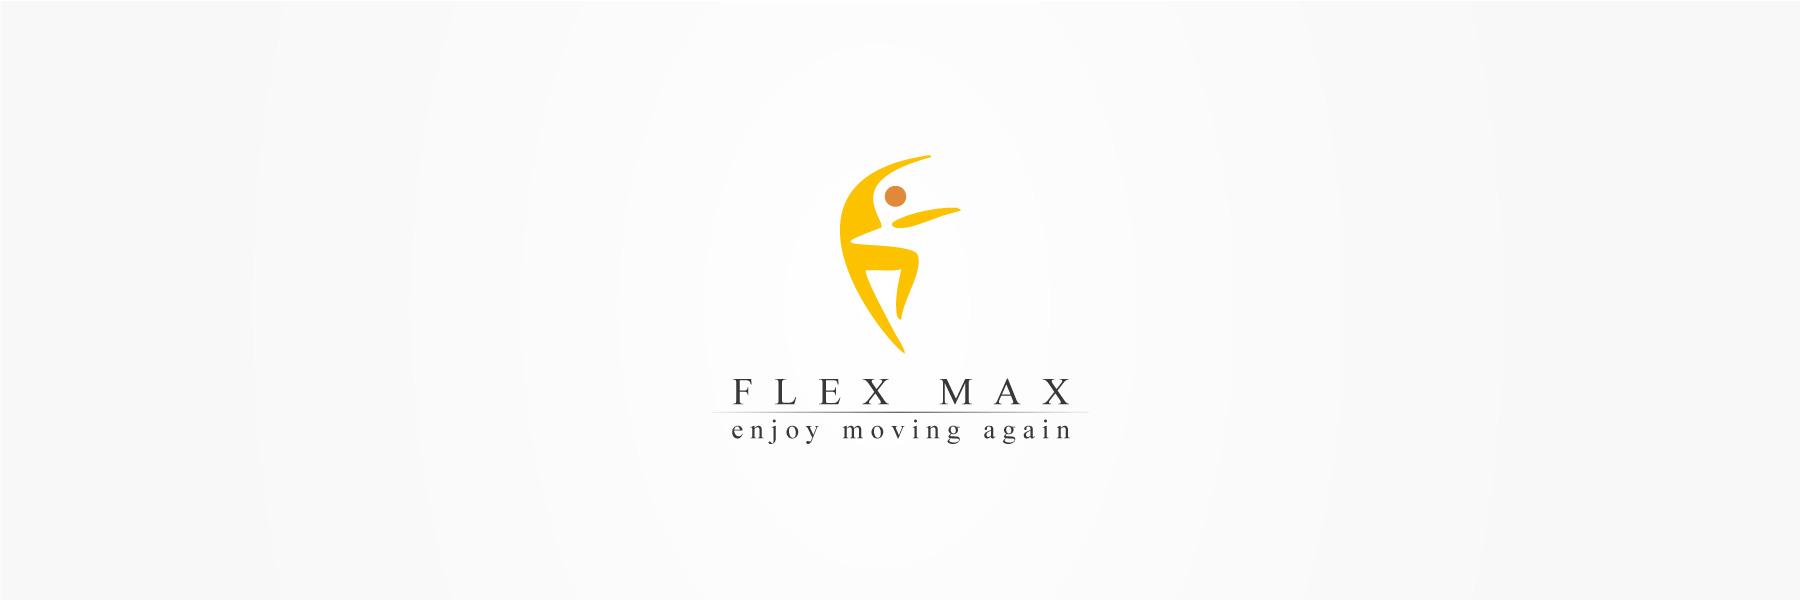 flex-max-logo-design